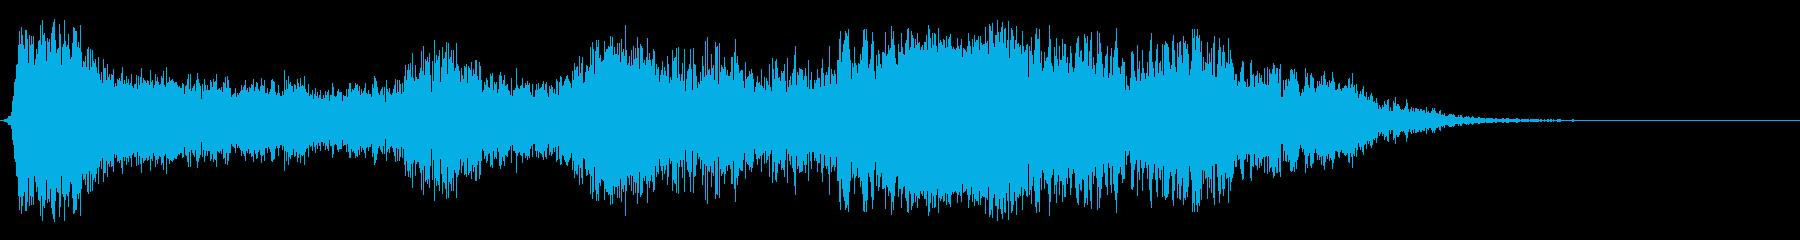 閉鎖の再生済みの波形